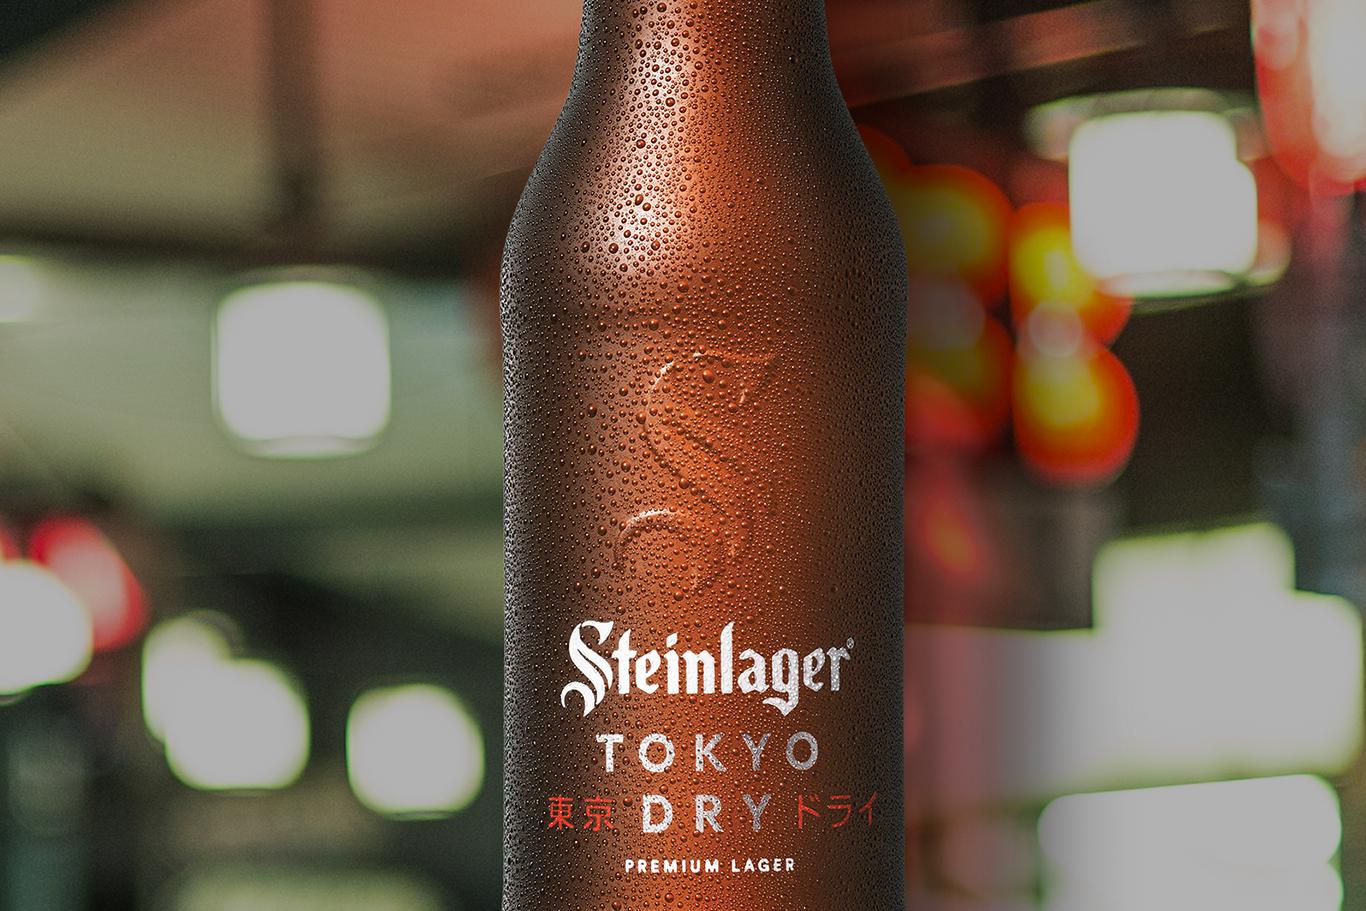 Steinlager Tokyo Dry Launch